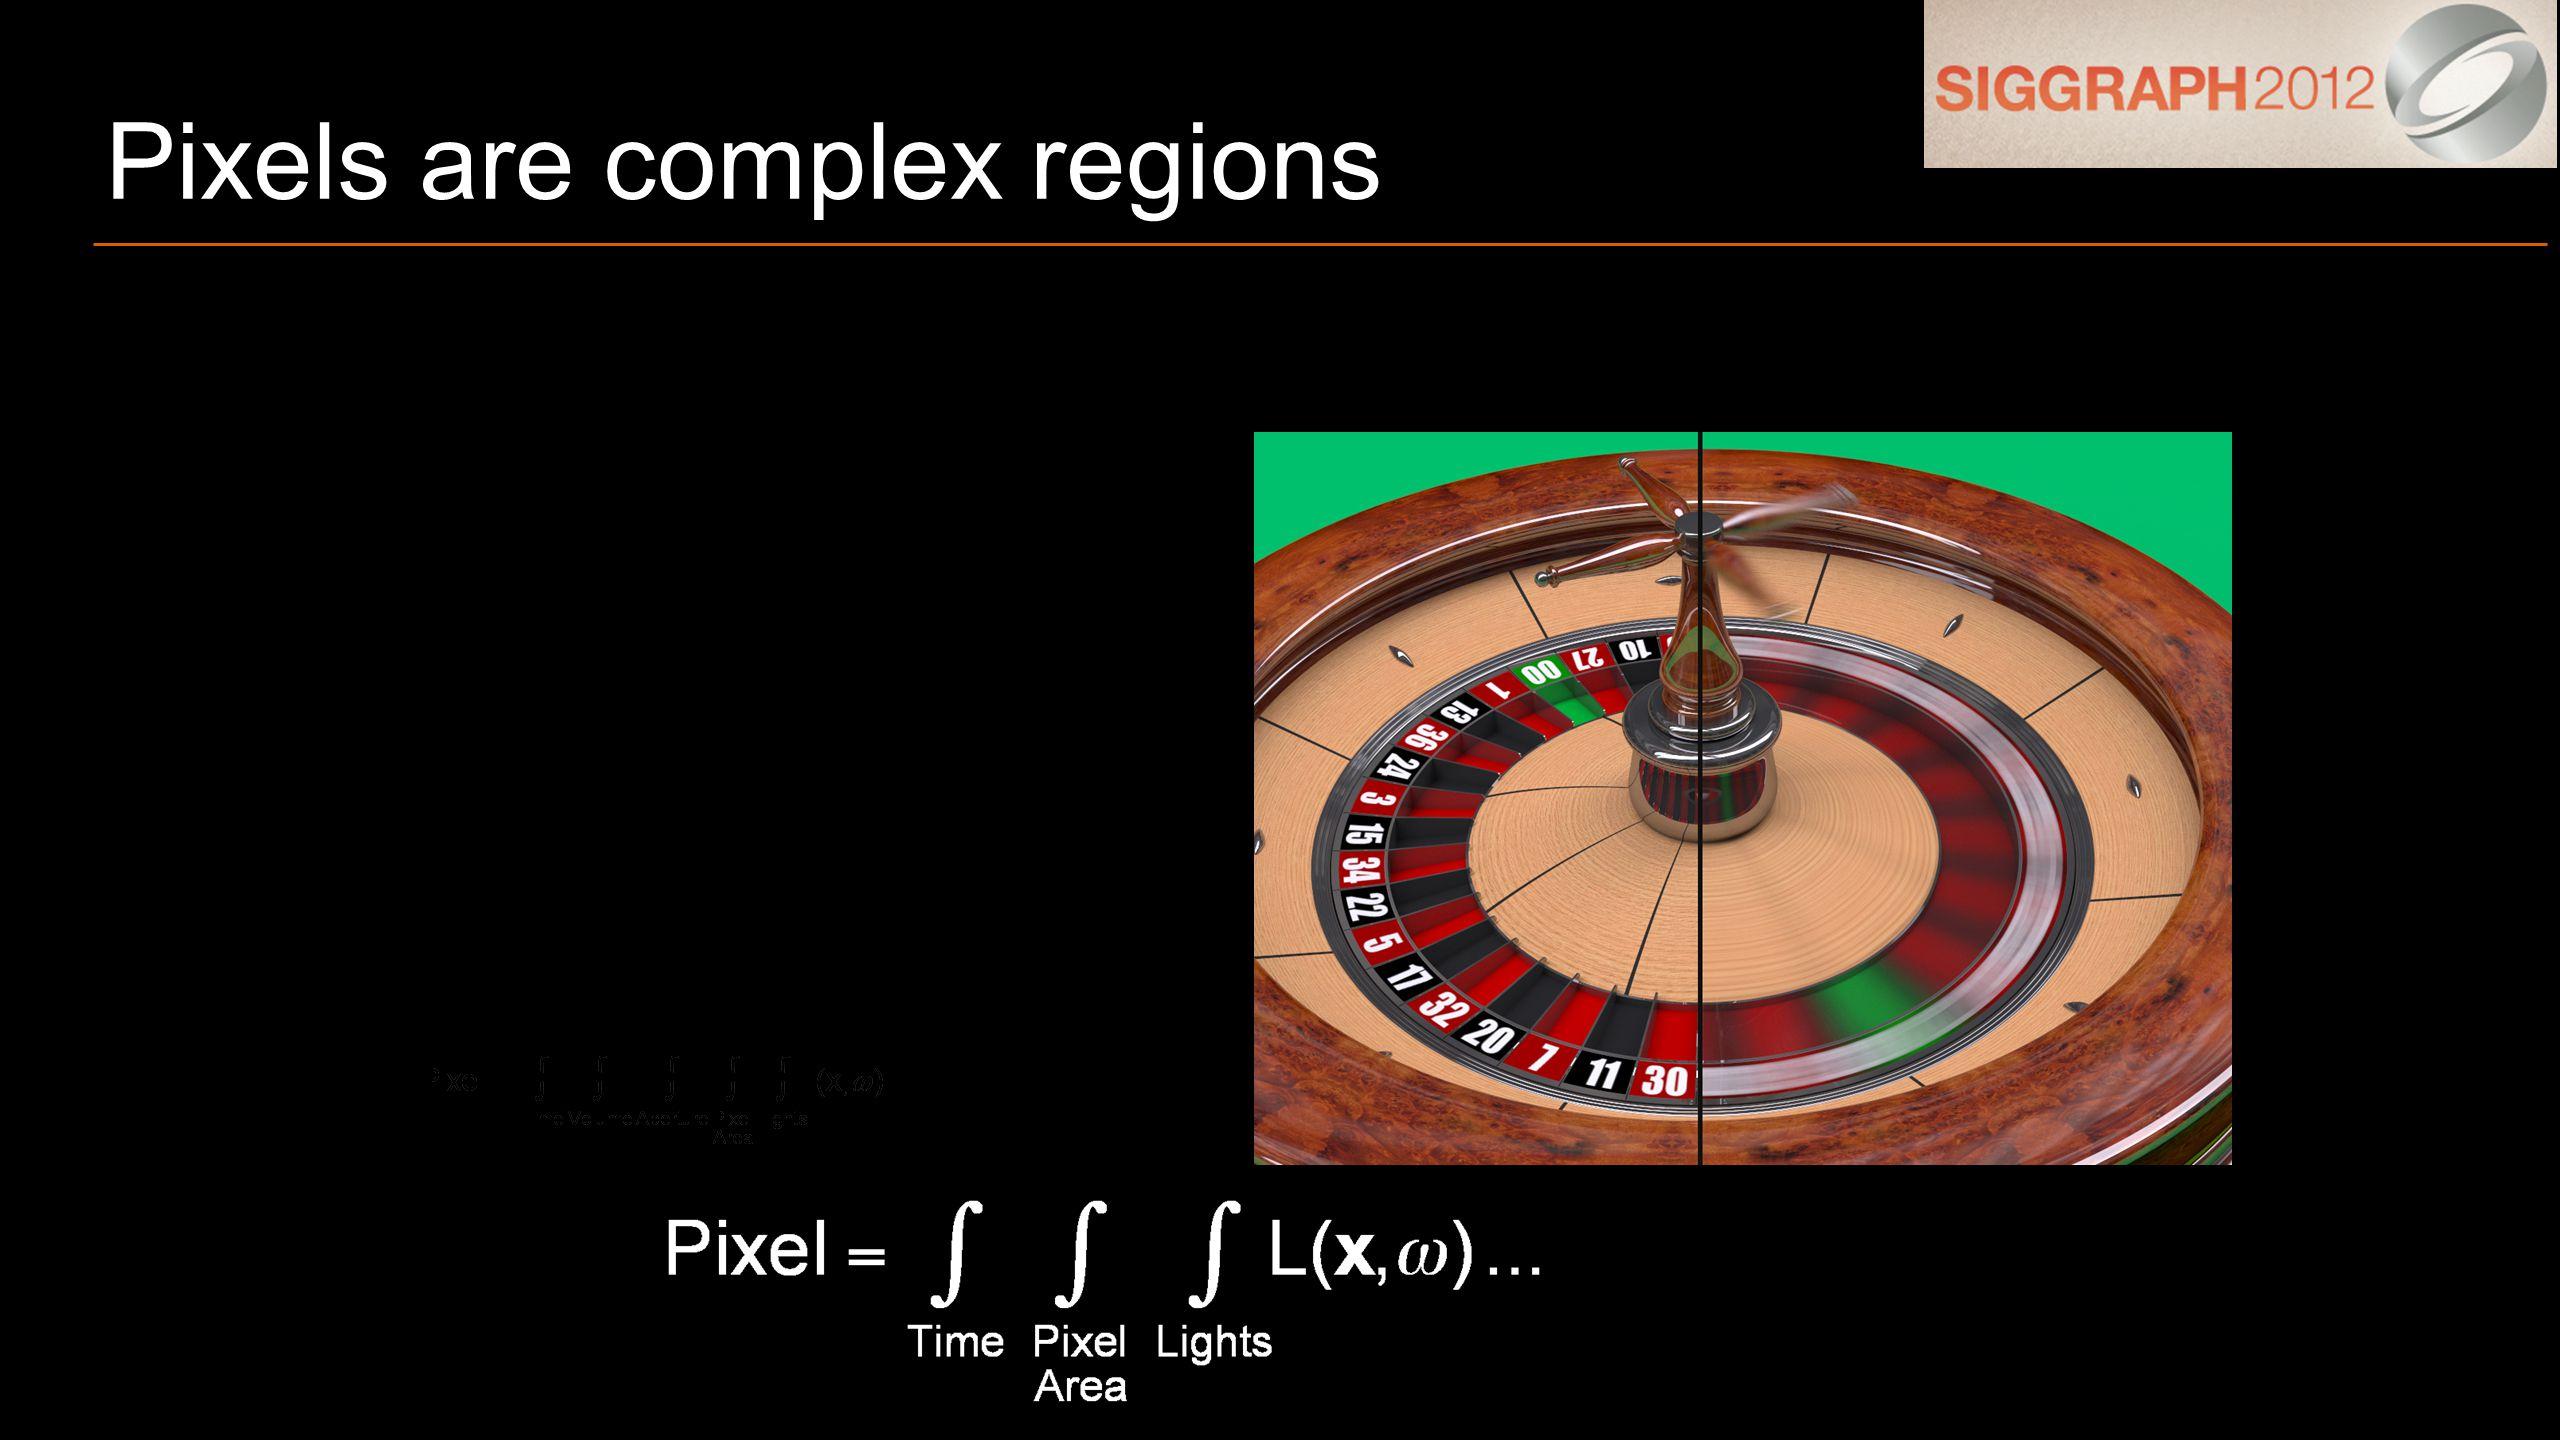 Pixels are complex regions